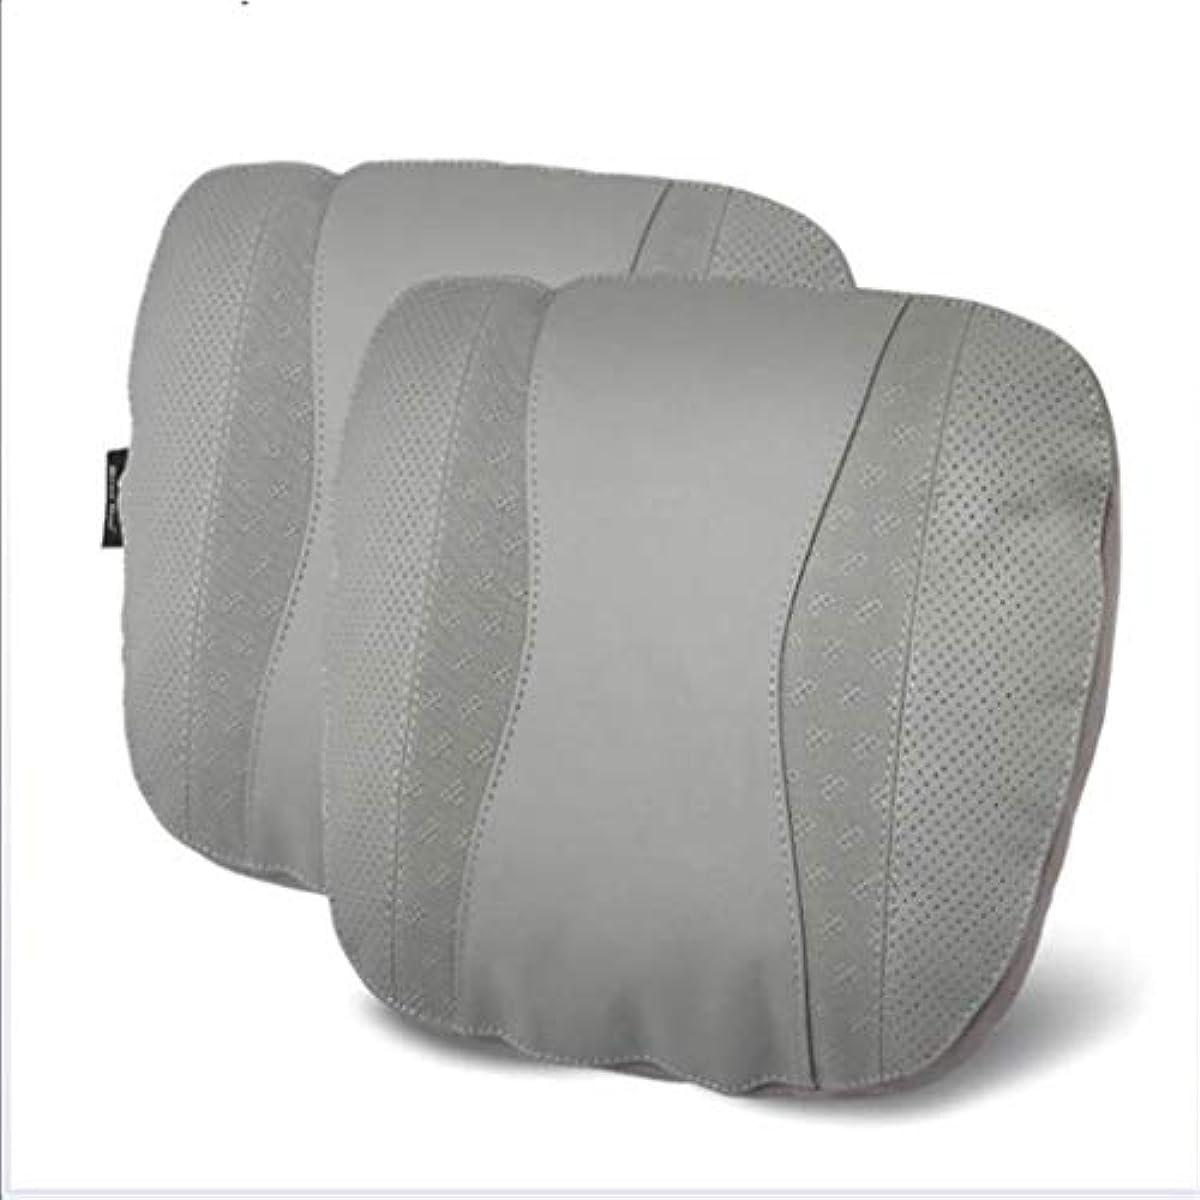 村学者代表してネックピロー、カーシートネックピロー、トラベルピローネックパッド、カーネックピローサポートピローとして使用、航空機のネックピロー、首の疲れを和らげる (Color : Gray)